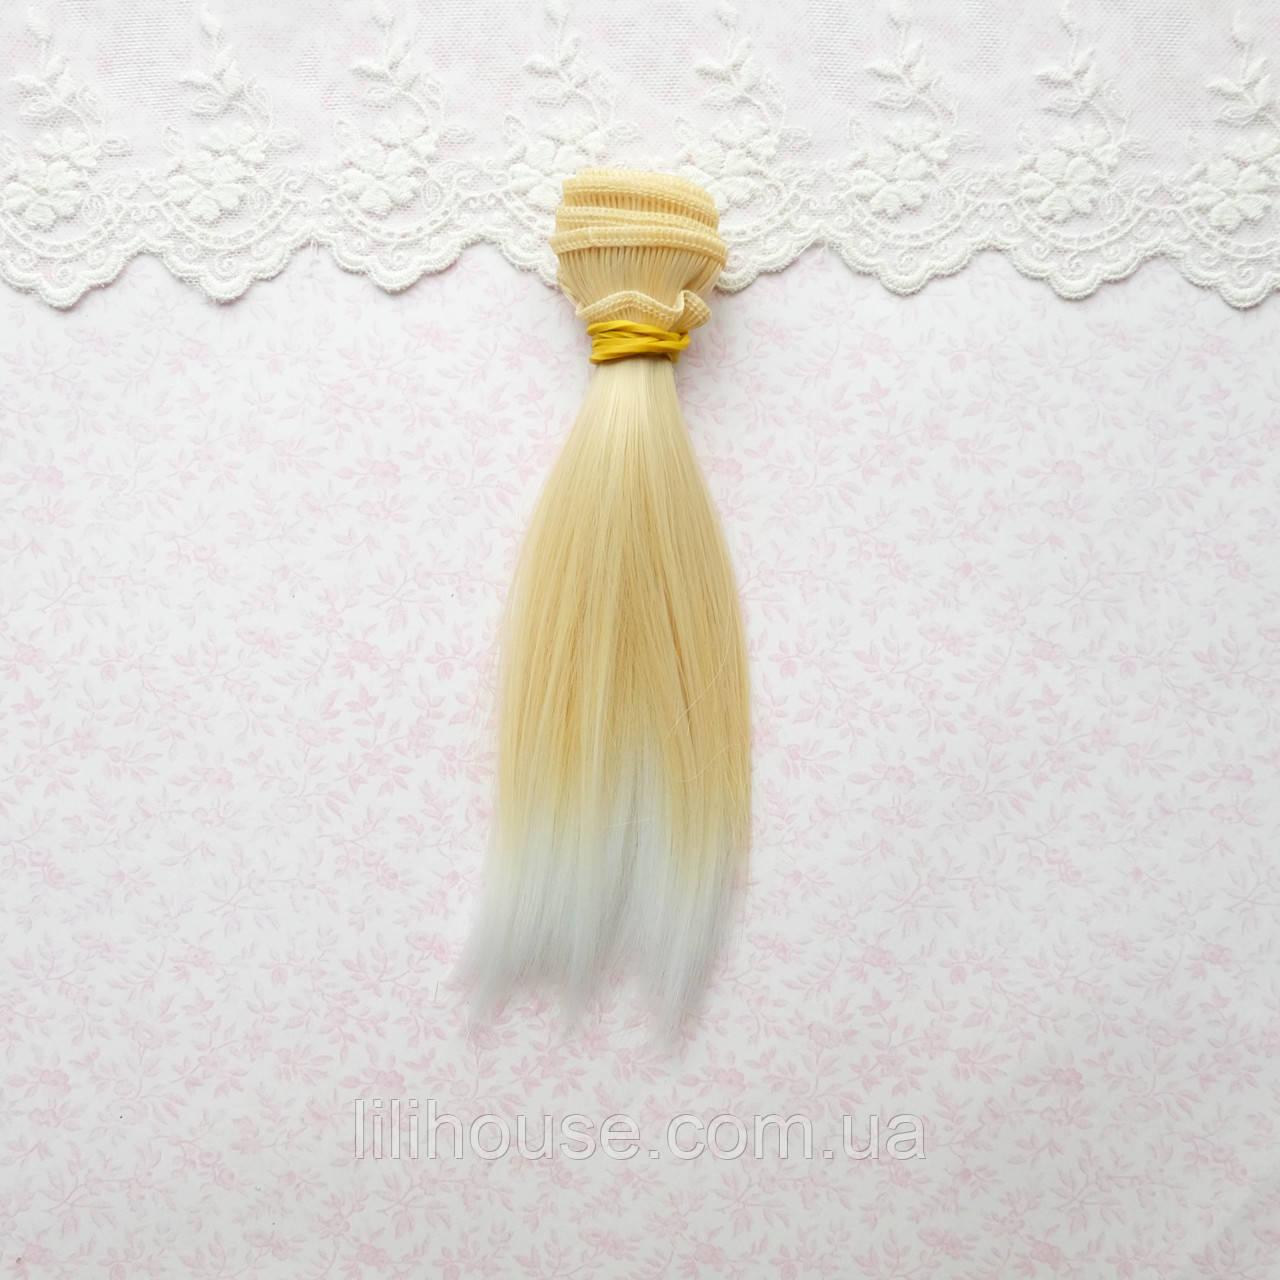 Волосы для Кукол Трессы Прямые Омбре БЛОНД с БЕЛЫМ 25 см